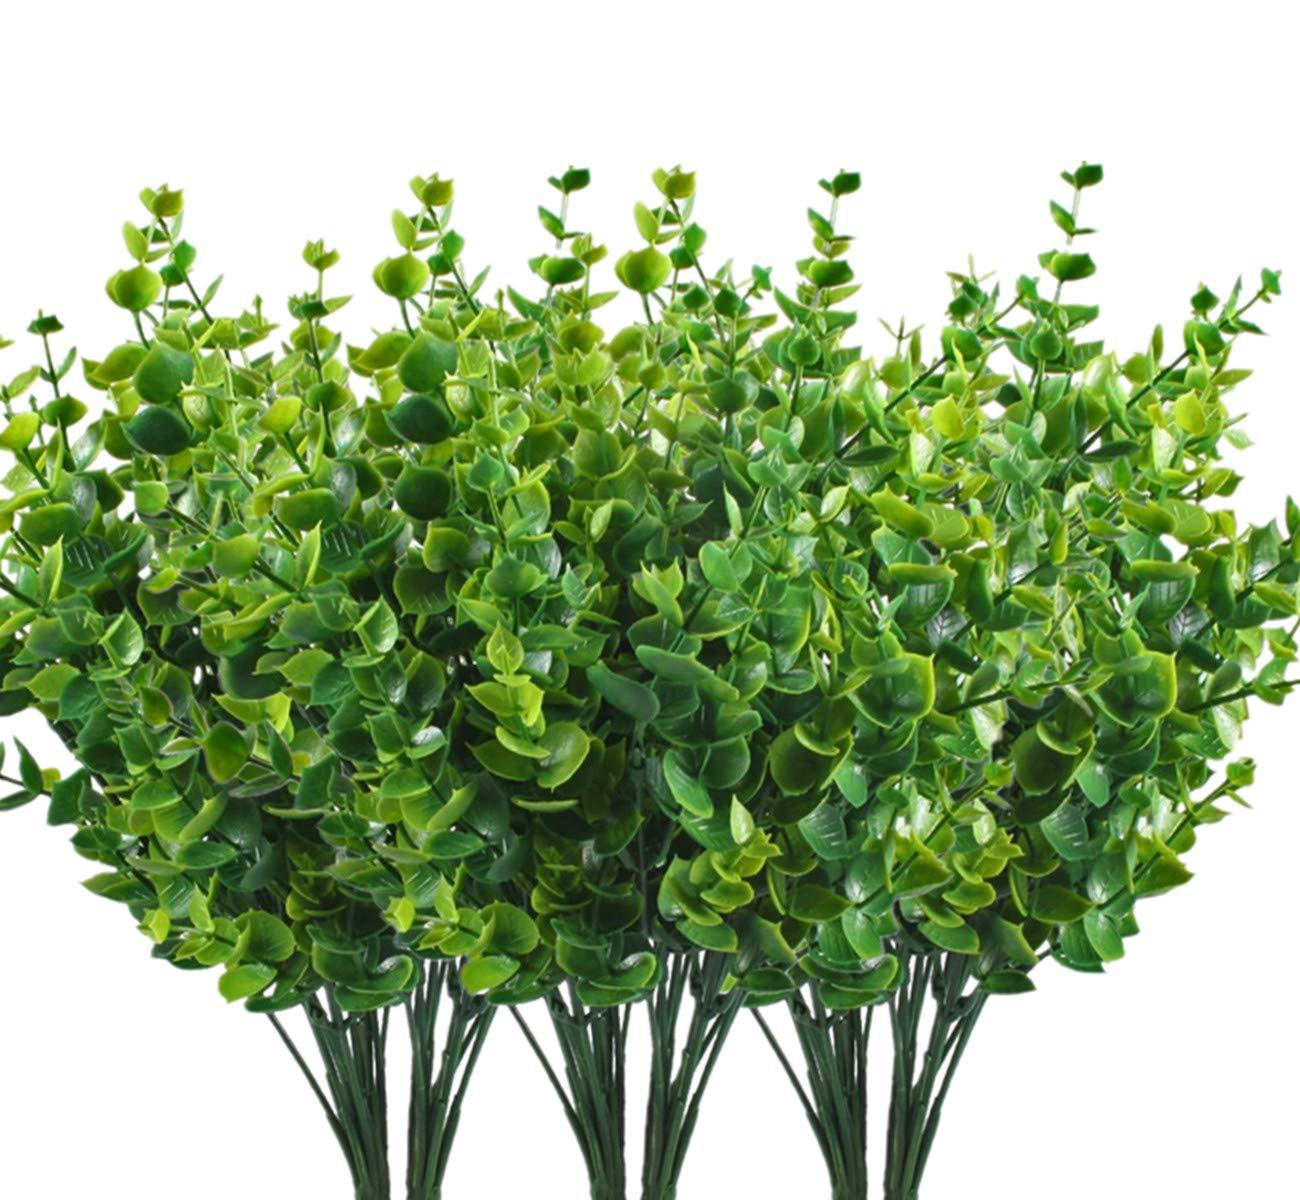 cattree人工バラ花、プラスチック植物シルクFakeローズウェディングブライダルブーケパーティーインドアアウトドアDIYホームガーデンベランダオフィステーブルセンターピースArrangements装飾 B07D8NG11S Coffee Brown-4pack